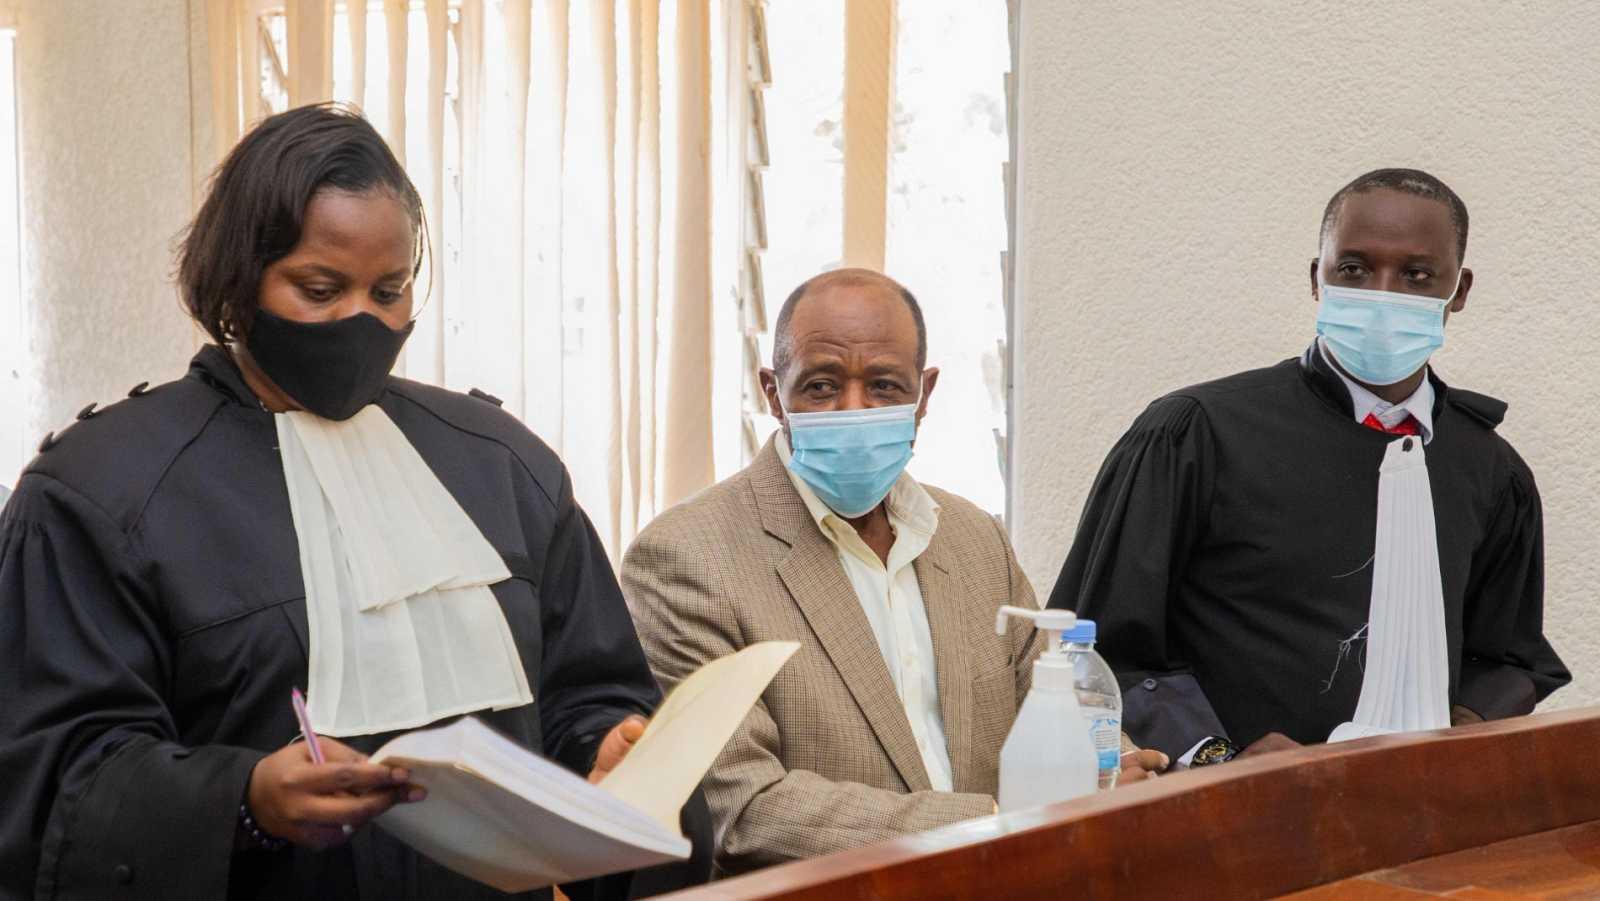 Paul Rusesabagina, junto a sus abogados en la vista ante el tribunal de Kigali